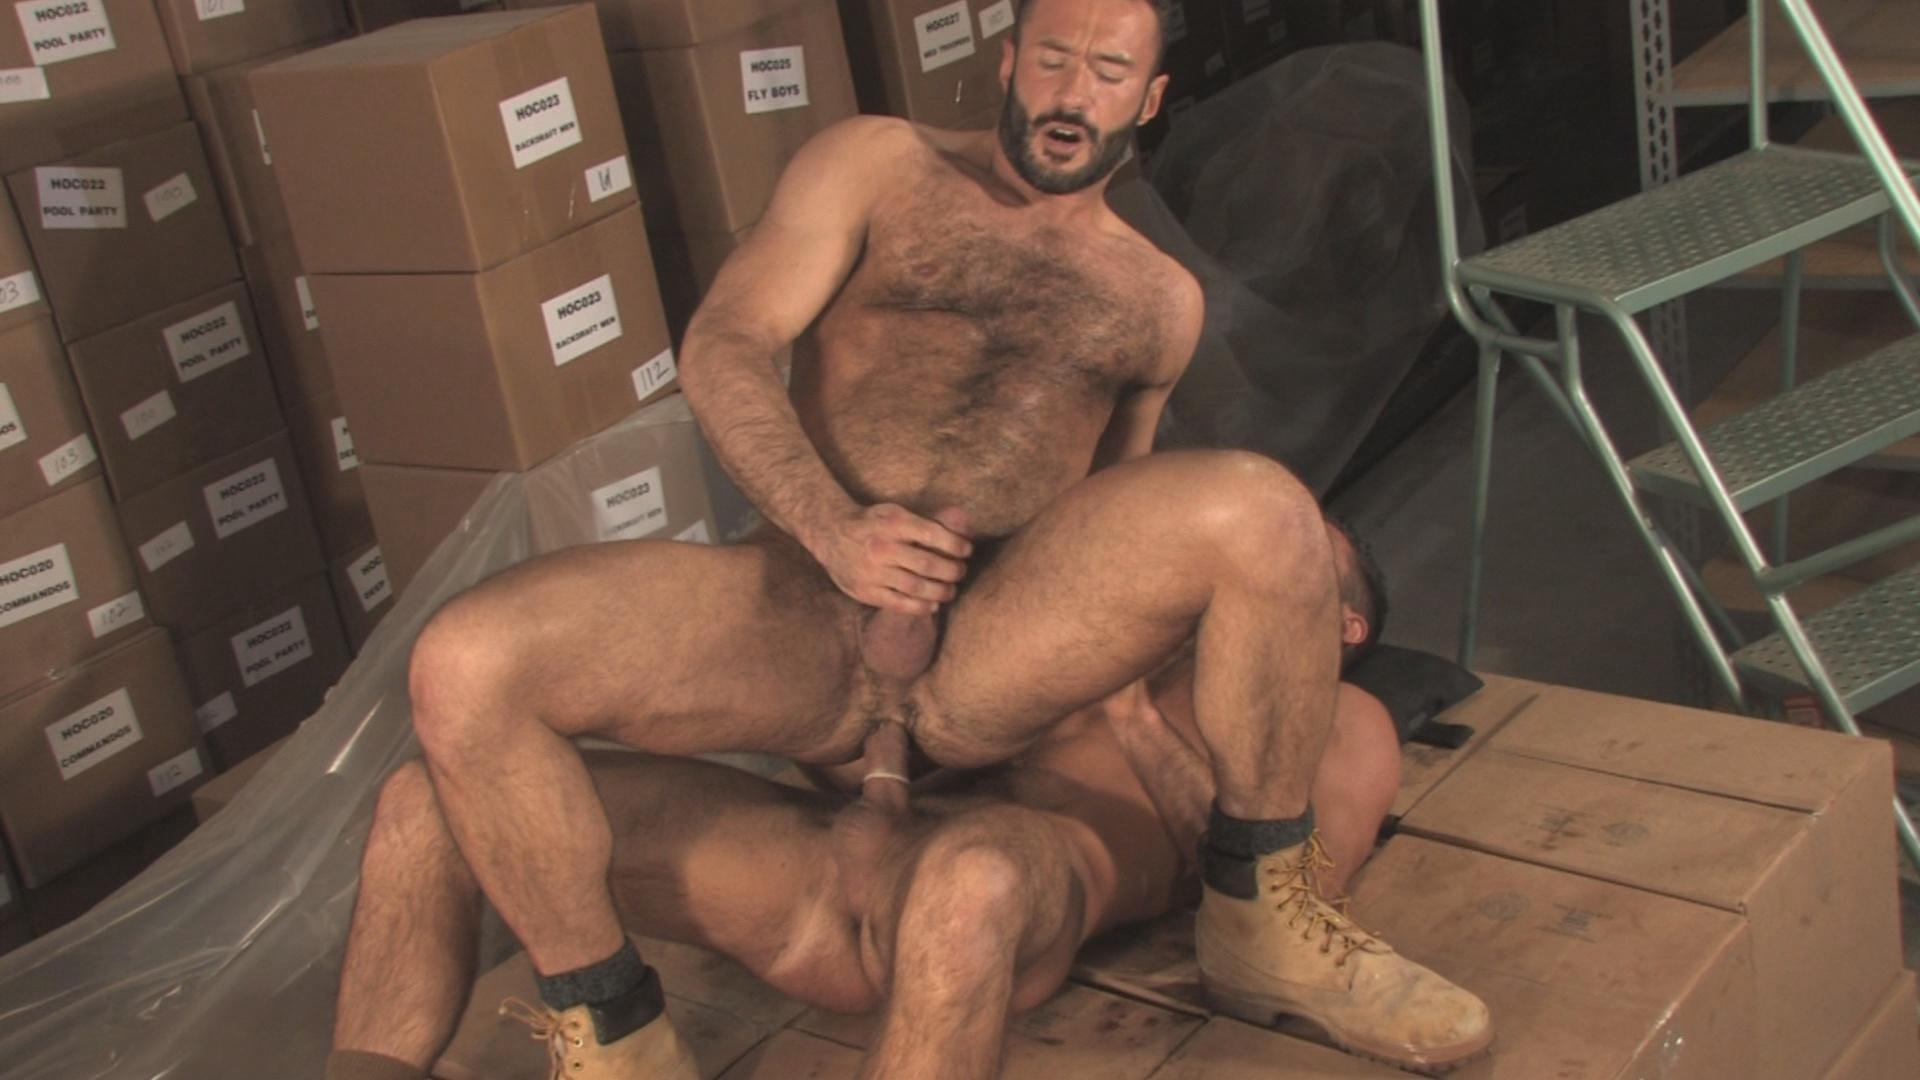 gay man 4 man